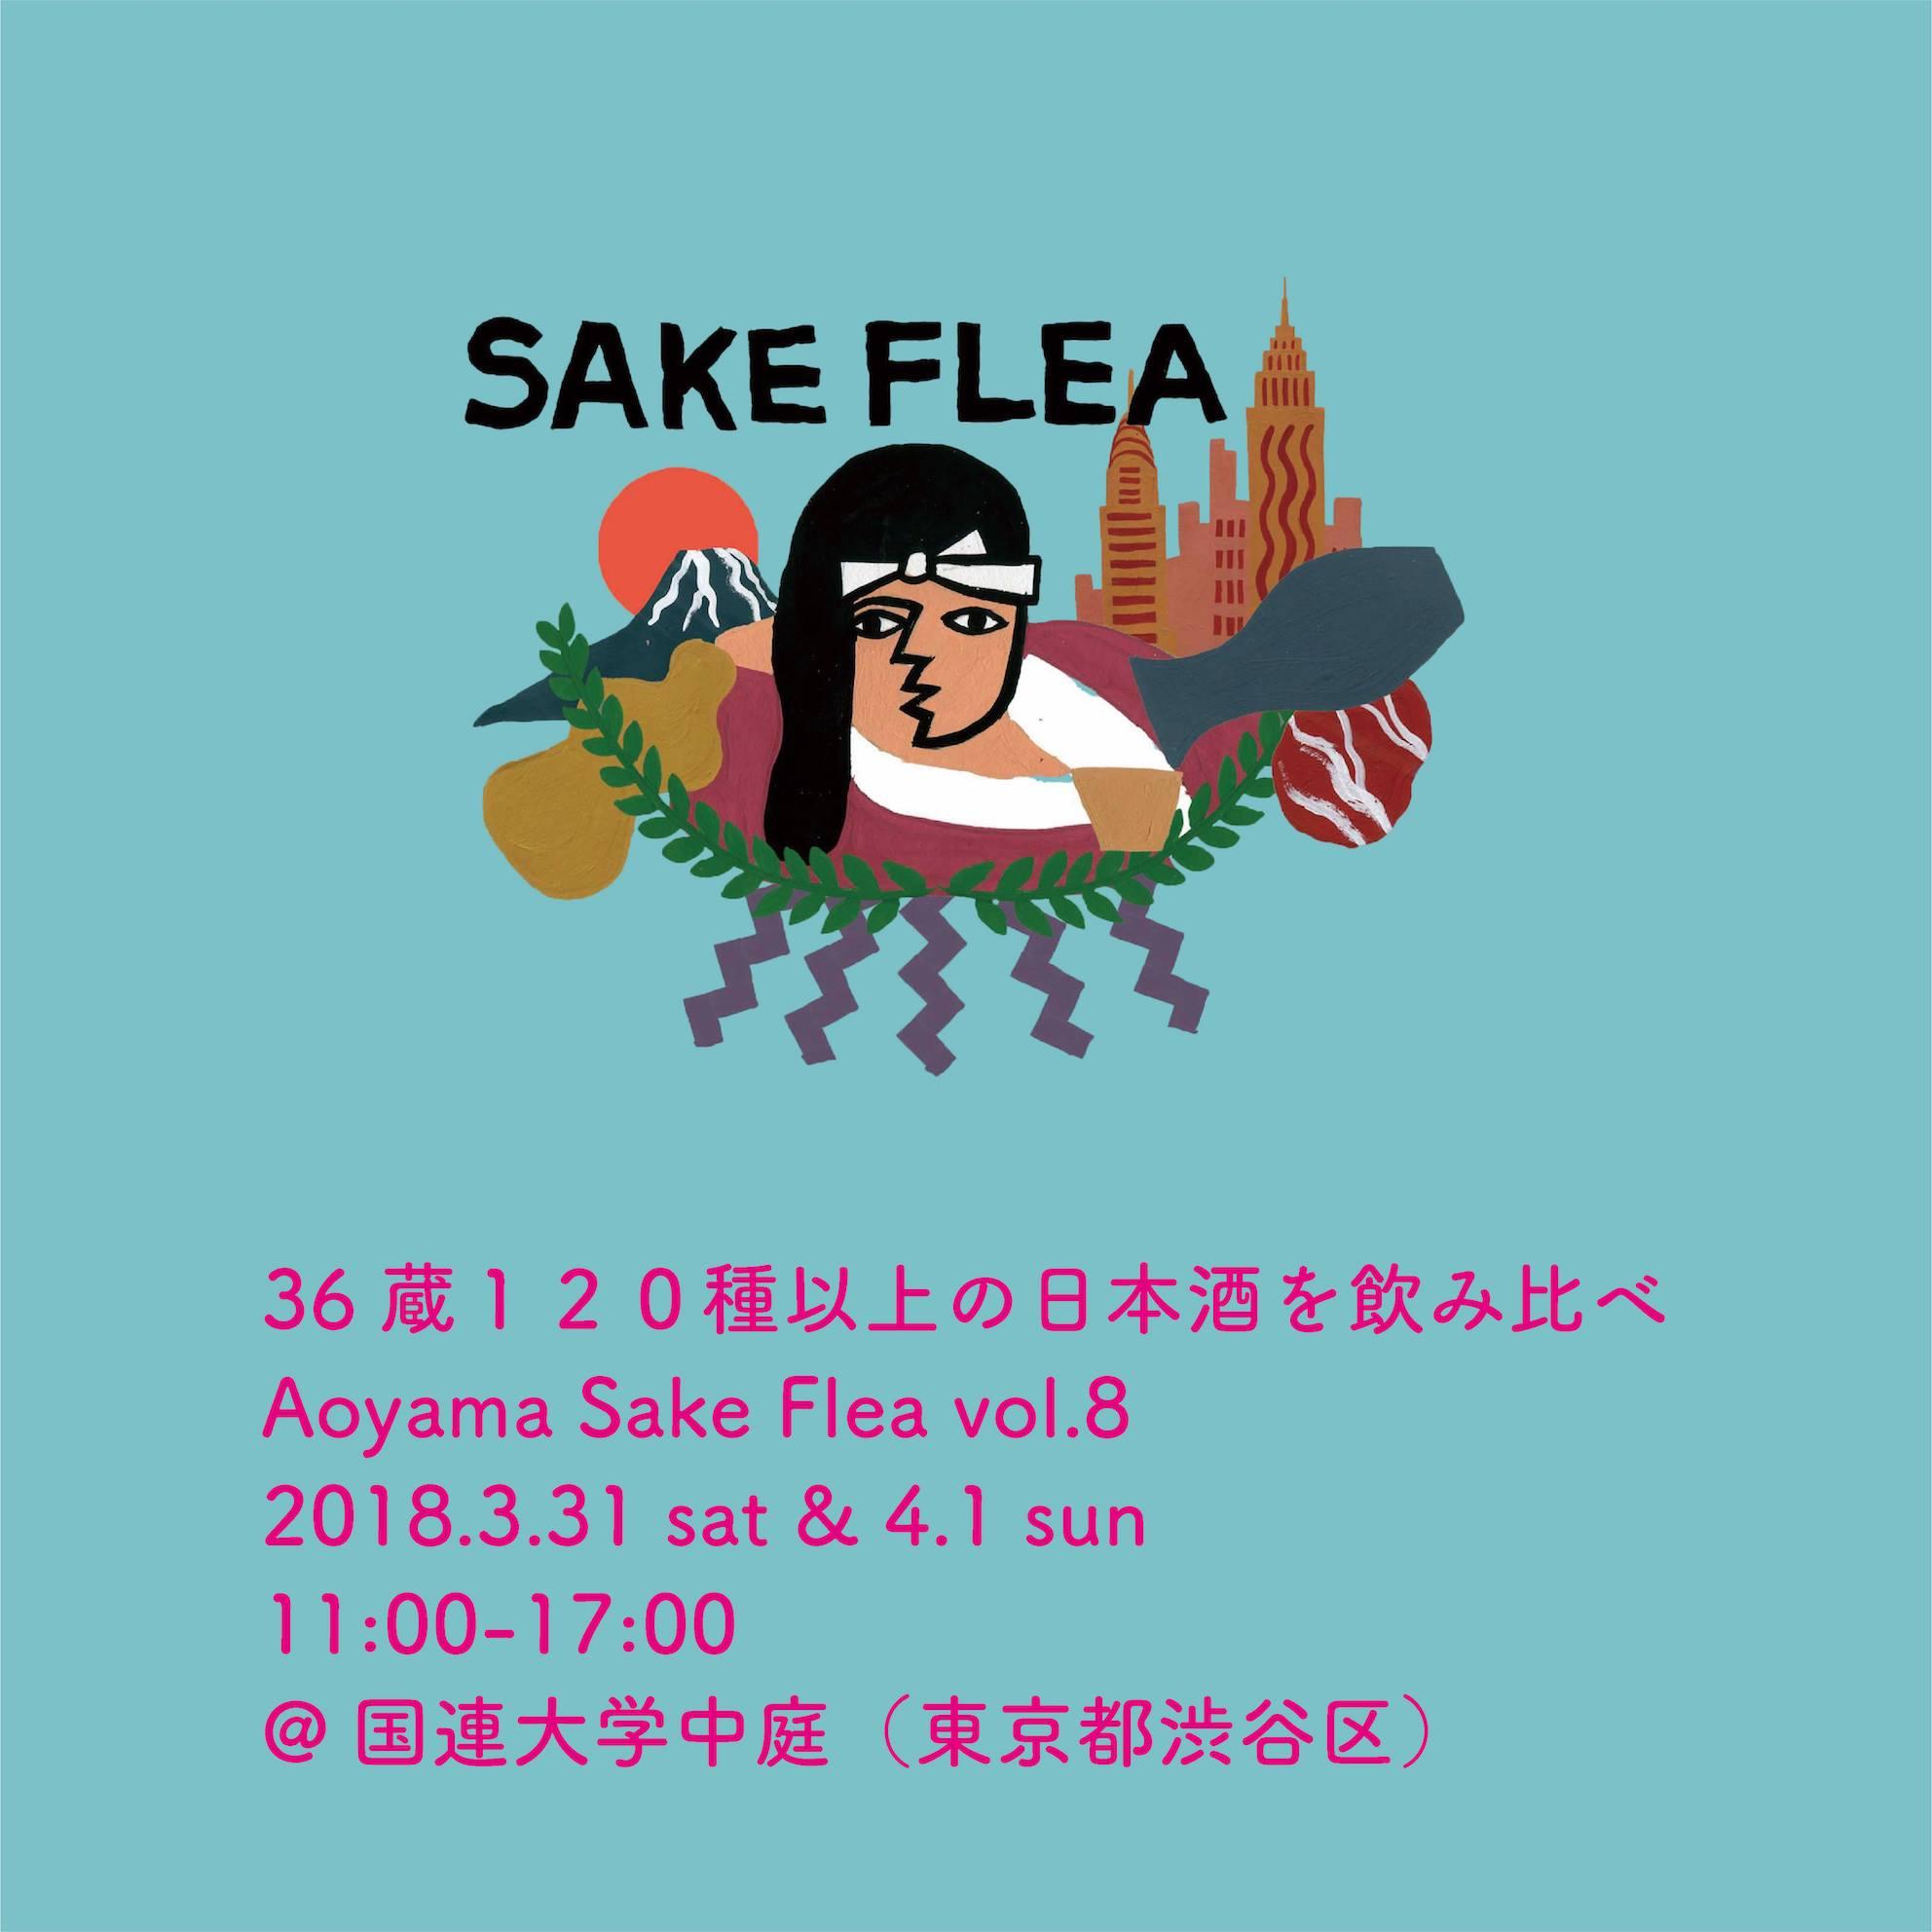 3月31日(土) 青山酒フリー(Aoyama Sake Flea vol.8 )に出店します!